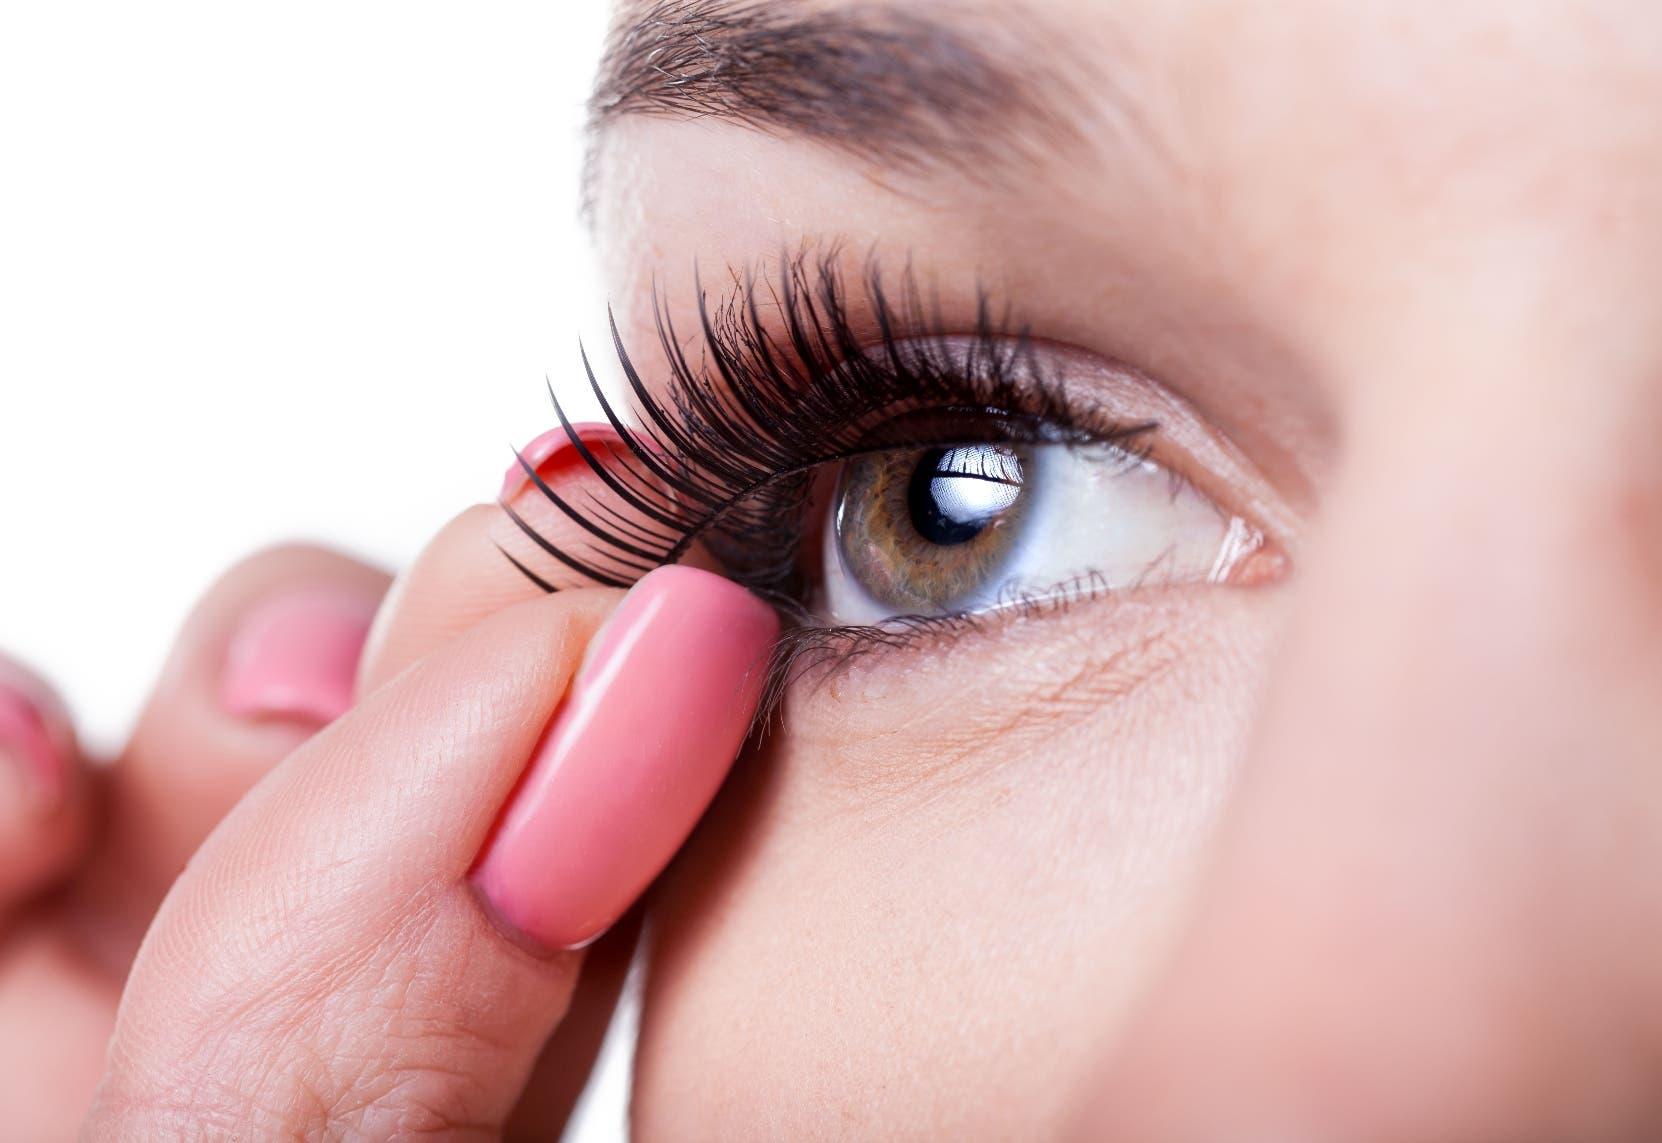 Dentro de las pautas a seguir para cuidar la visión está  retirarse el maquillaje de cejas y pestañas antes de acostarse.